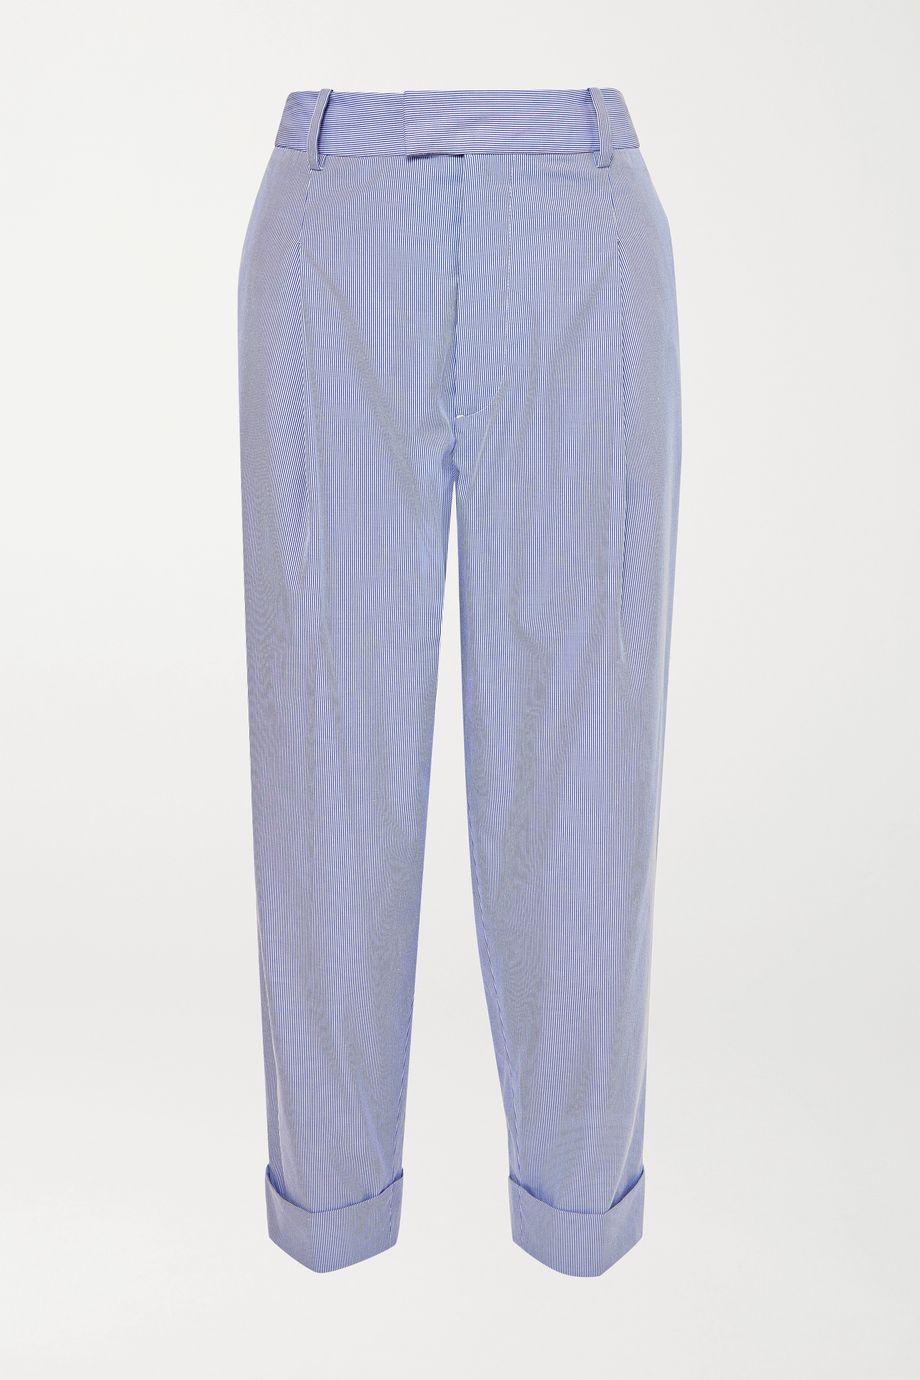 Vivienne Westwood Dave 细条纹棉质混纺直筒裤